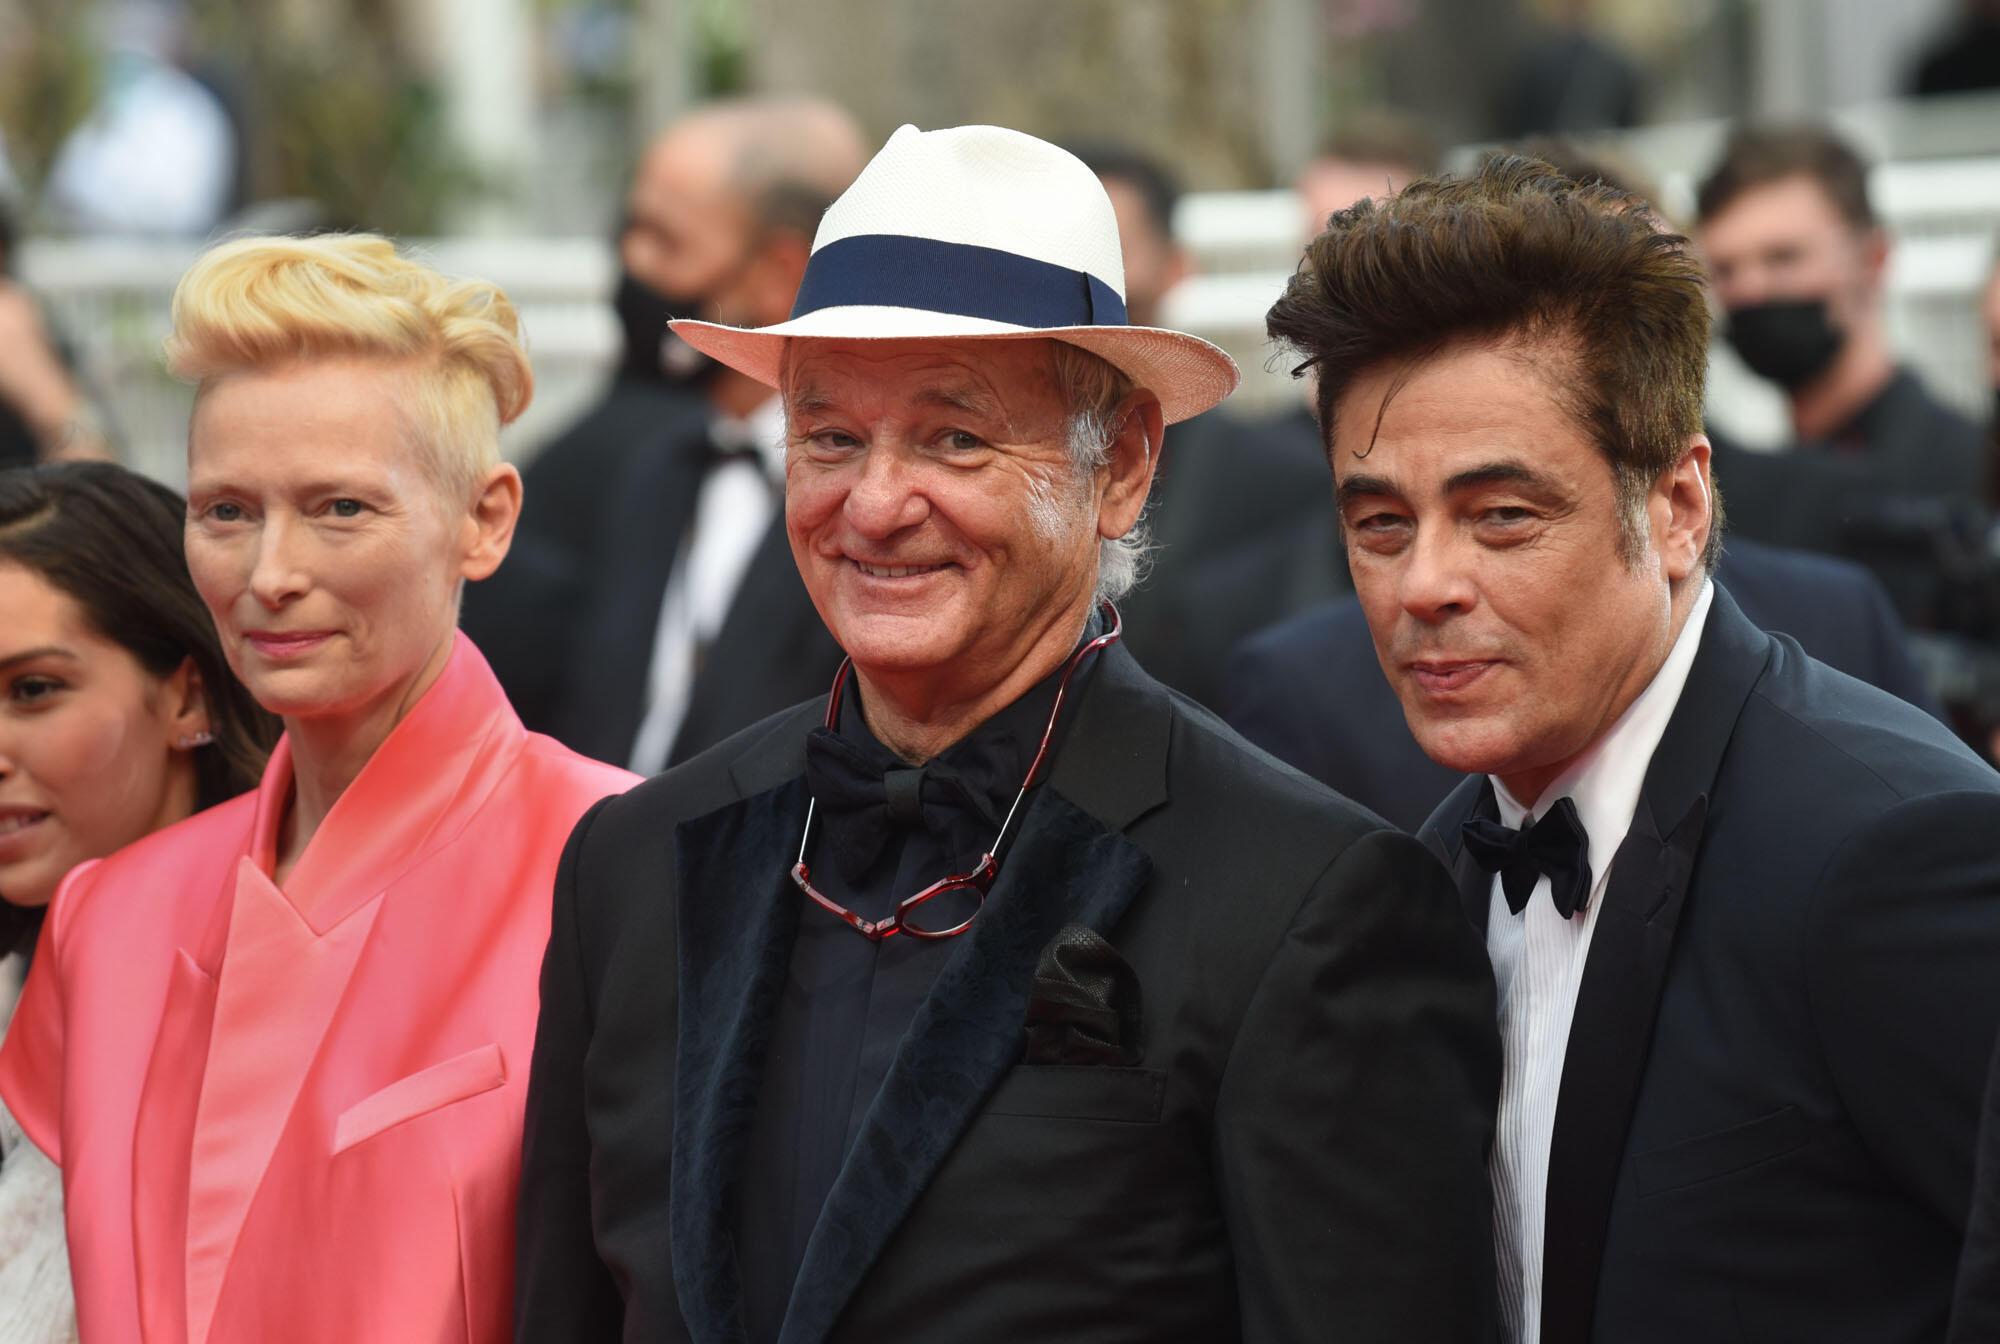 """De gauche à droite : Tilda Swinton, Bill Murray et Benicio del Toro présents à Cannes pour le film """"The French Dispatch""""."""